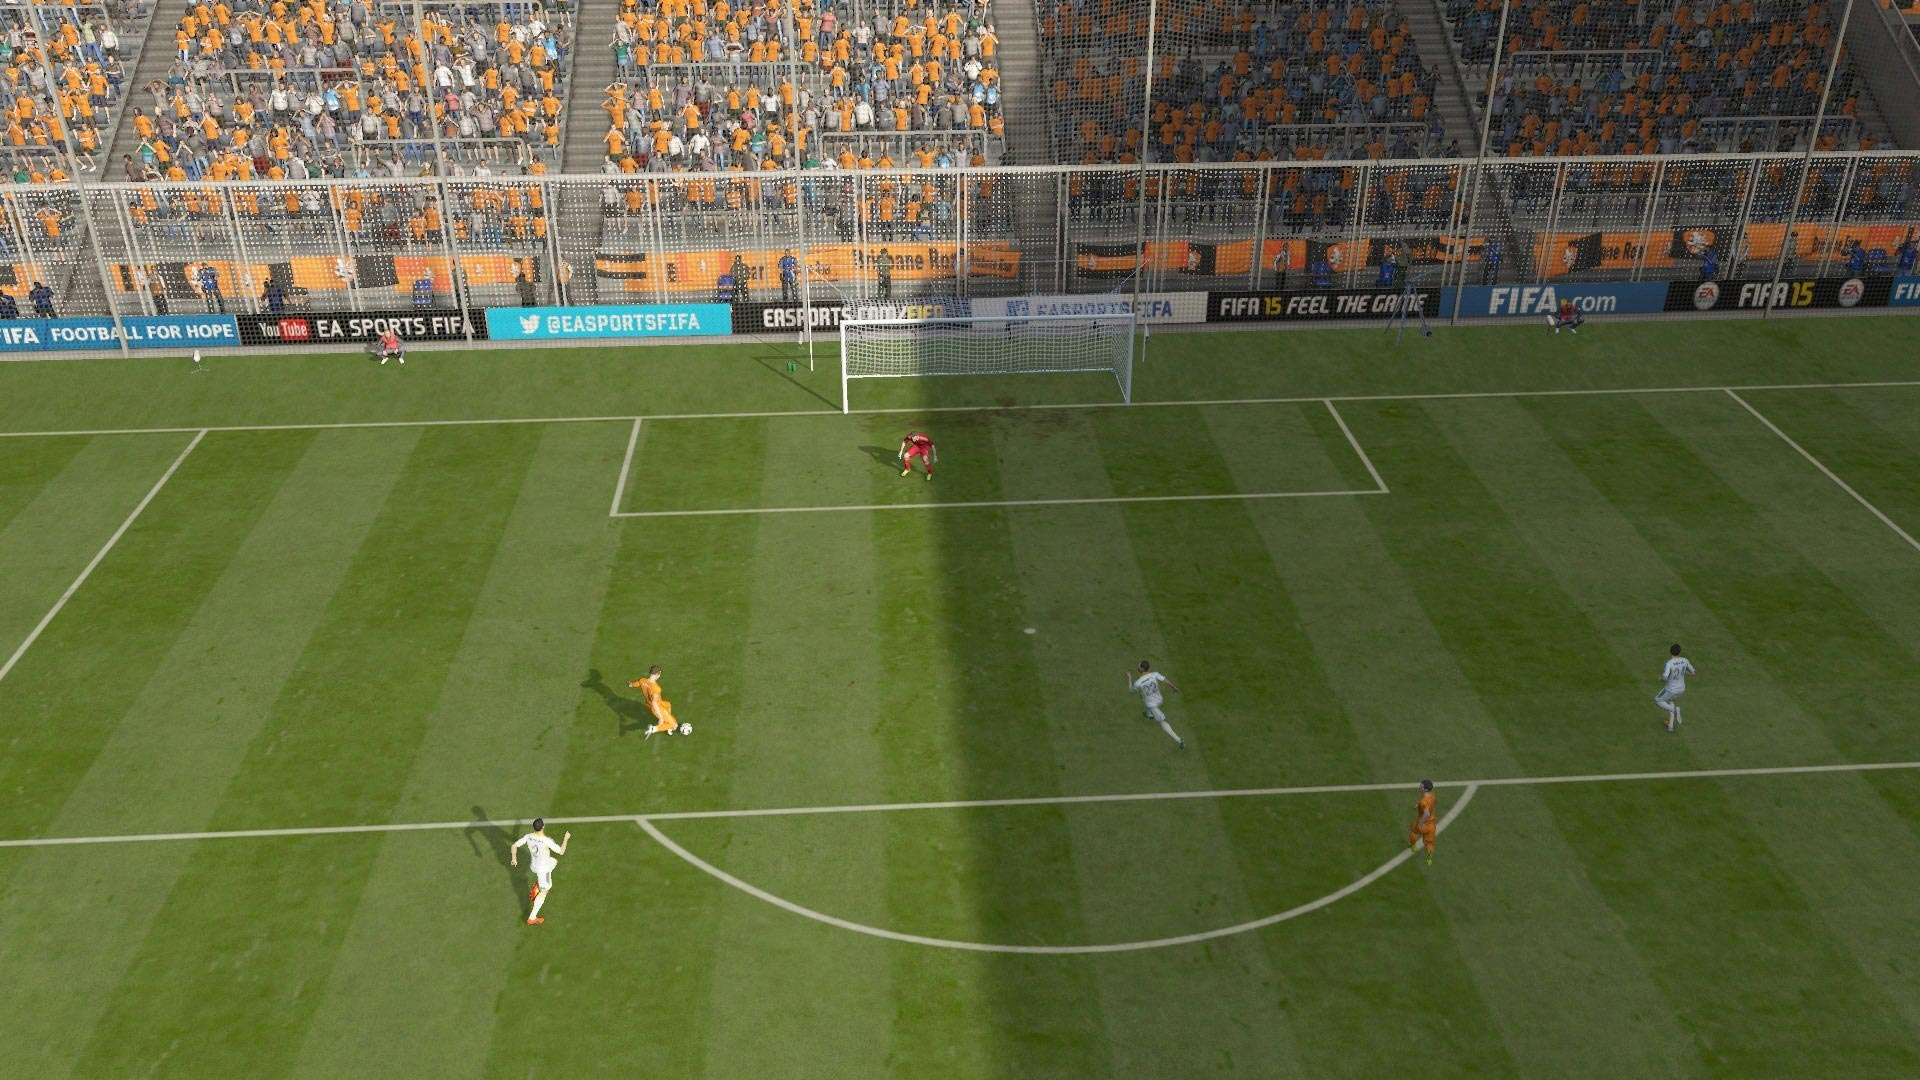 FIFA 15 Career 3-0 BRI V WEL, 1st Half